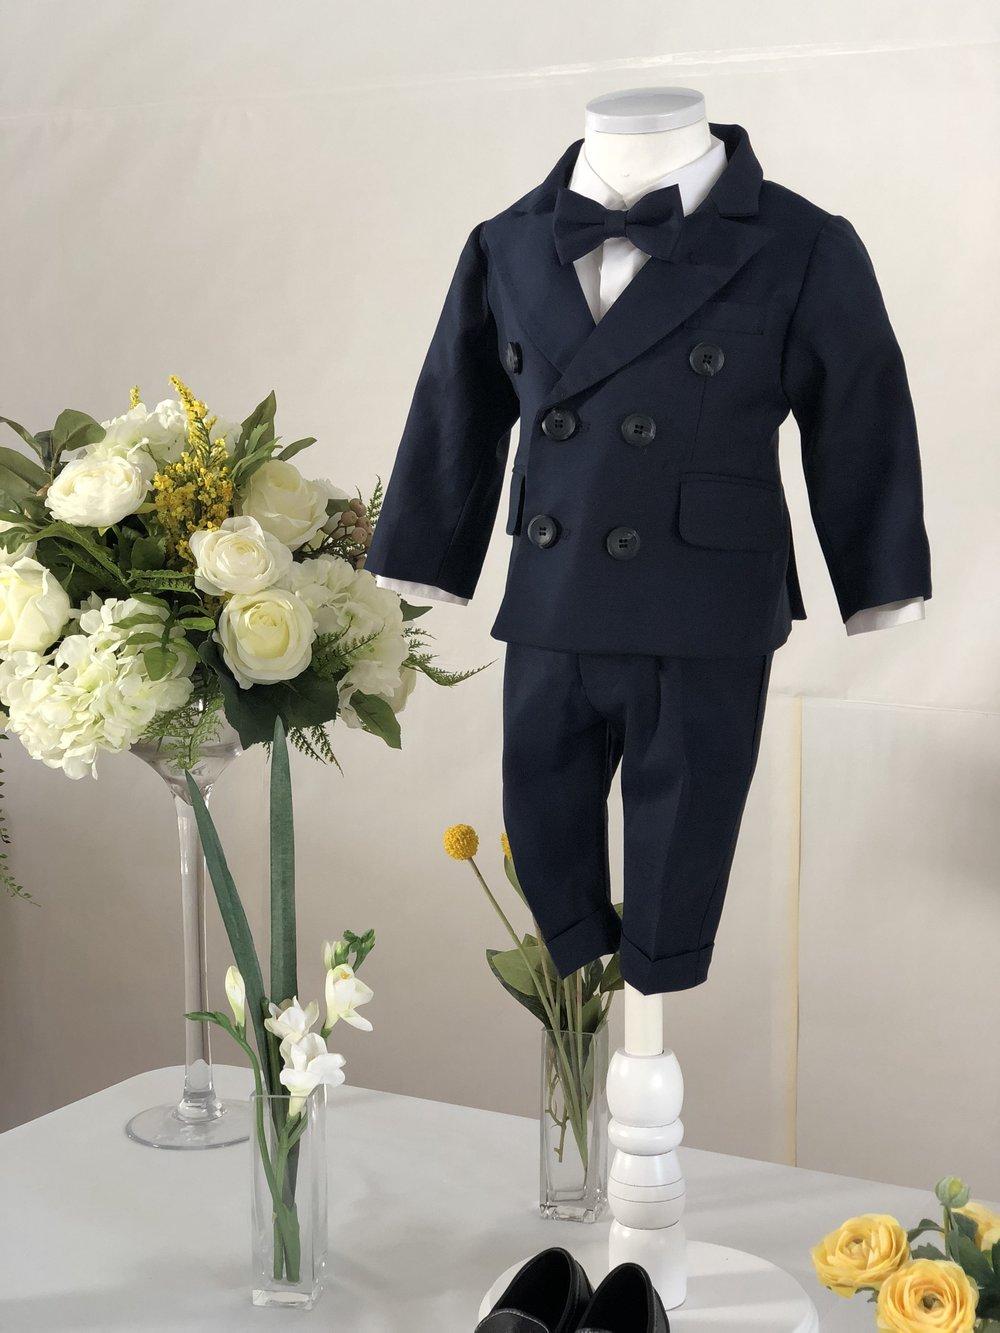 덴디보이 네이비 수트 (Navy Suit)